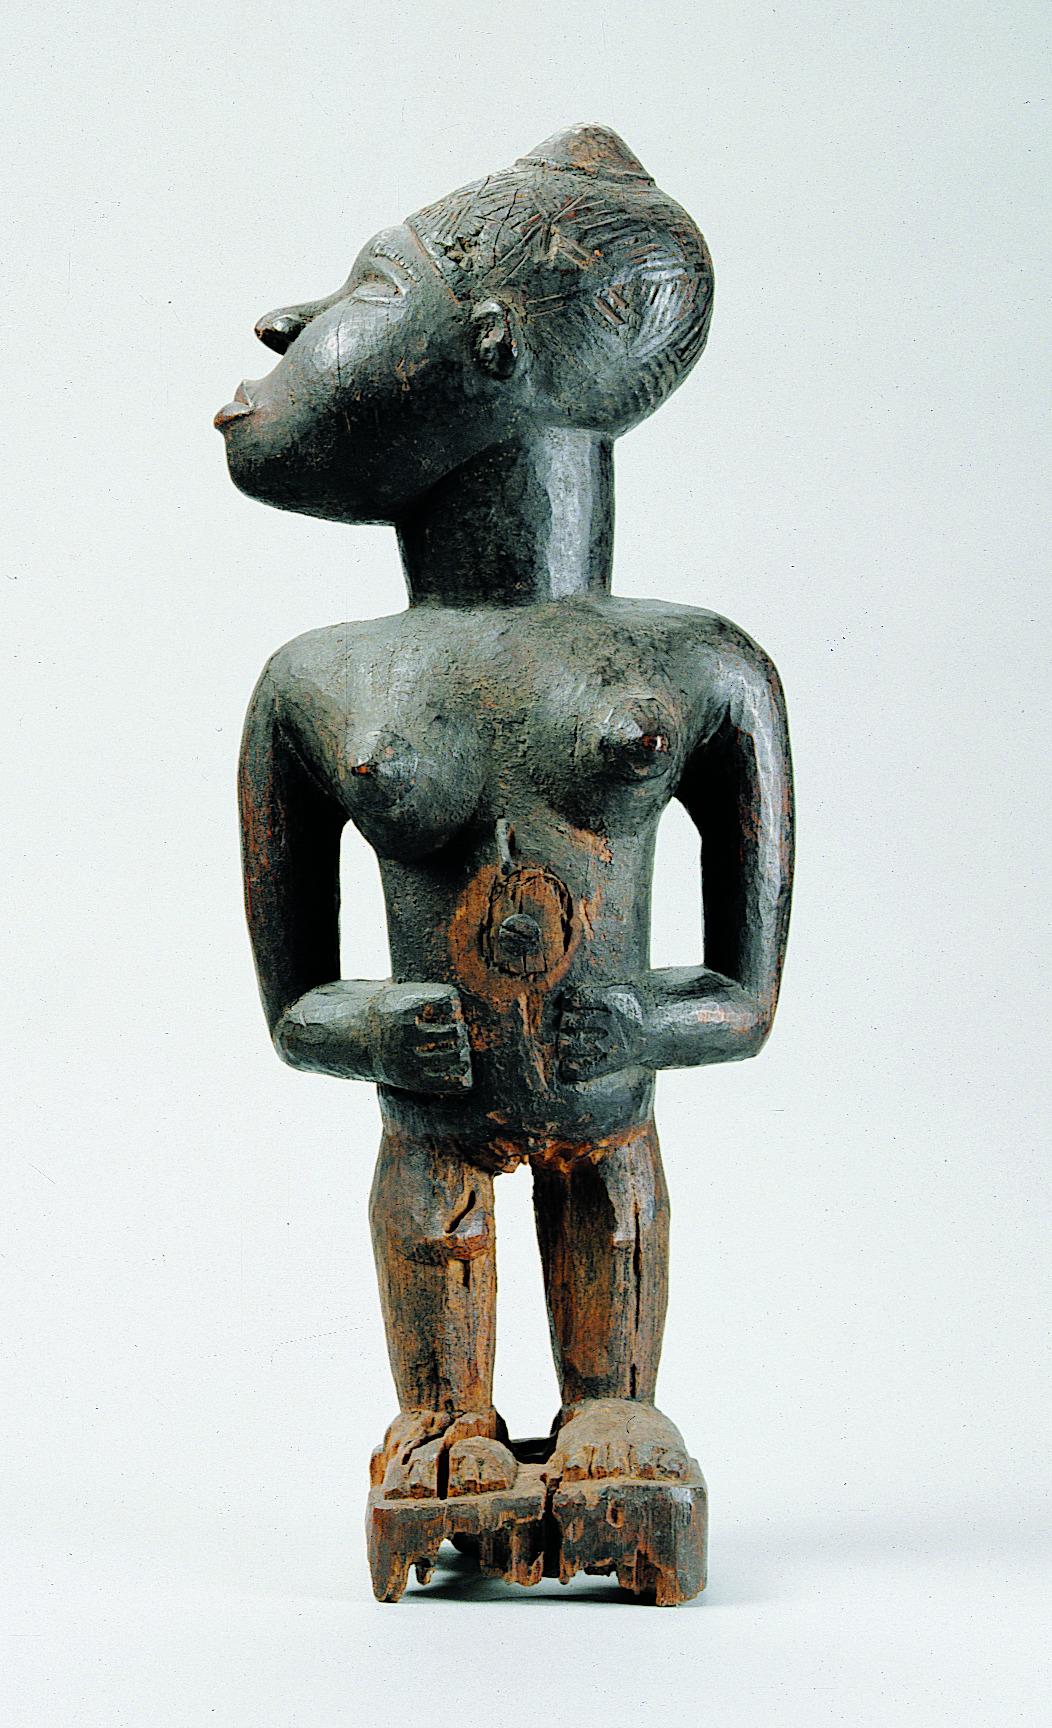 Afbeelding: Krachtbeeld van staande vrouwelijke figuur met afgewend hoofd, AE.0609, Collectie Stad Antwerpen, MAS, foto: Michel Wuyts